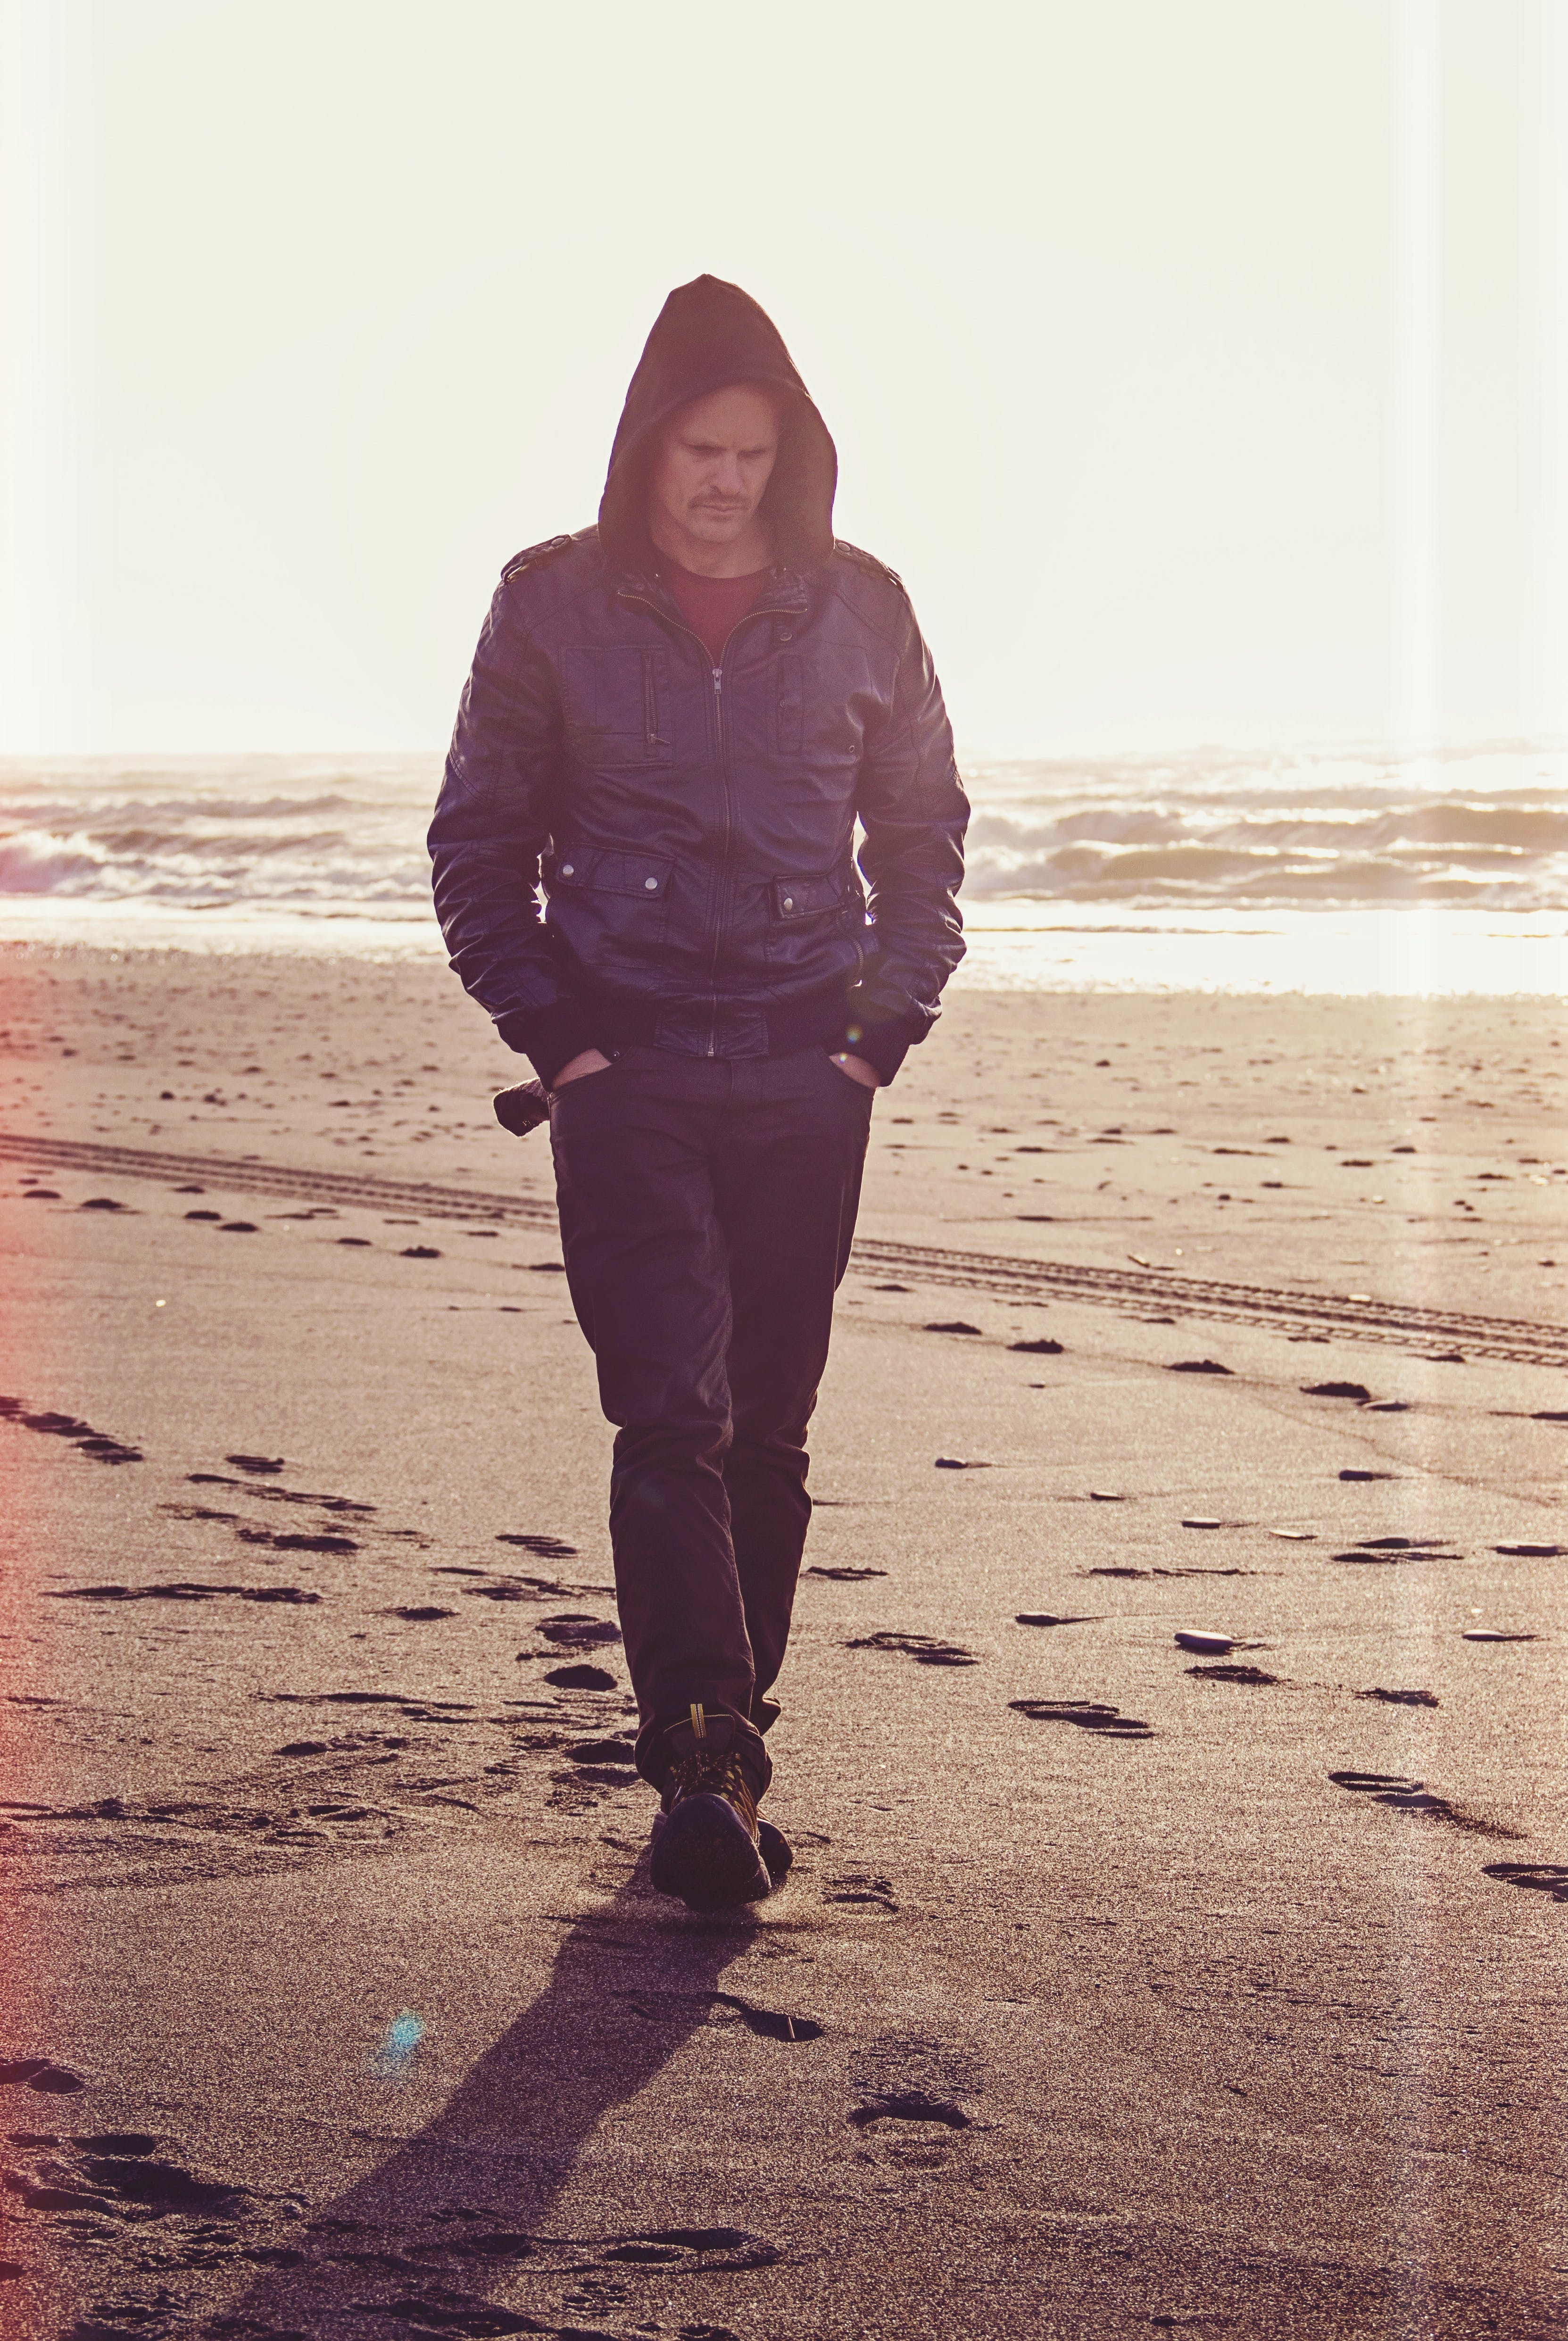 adulto, andando, areia